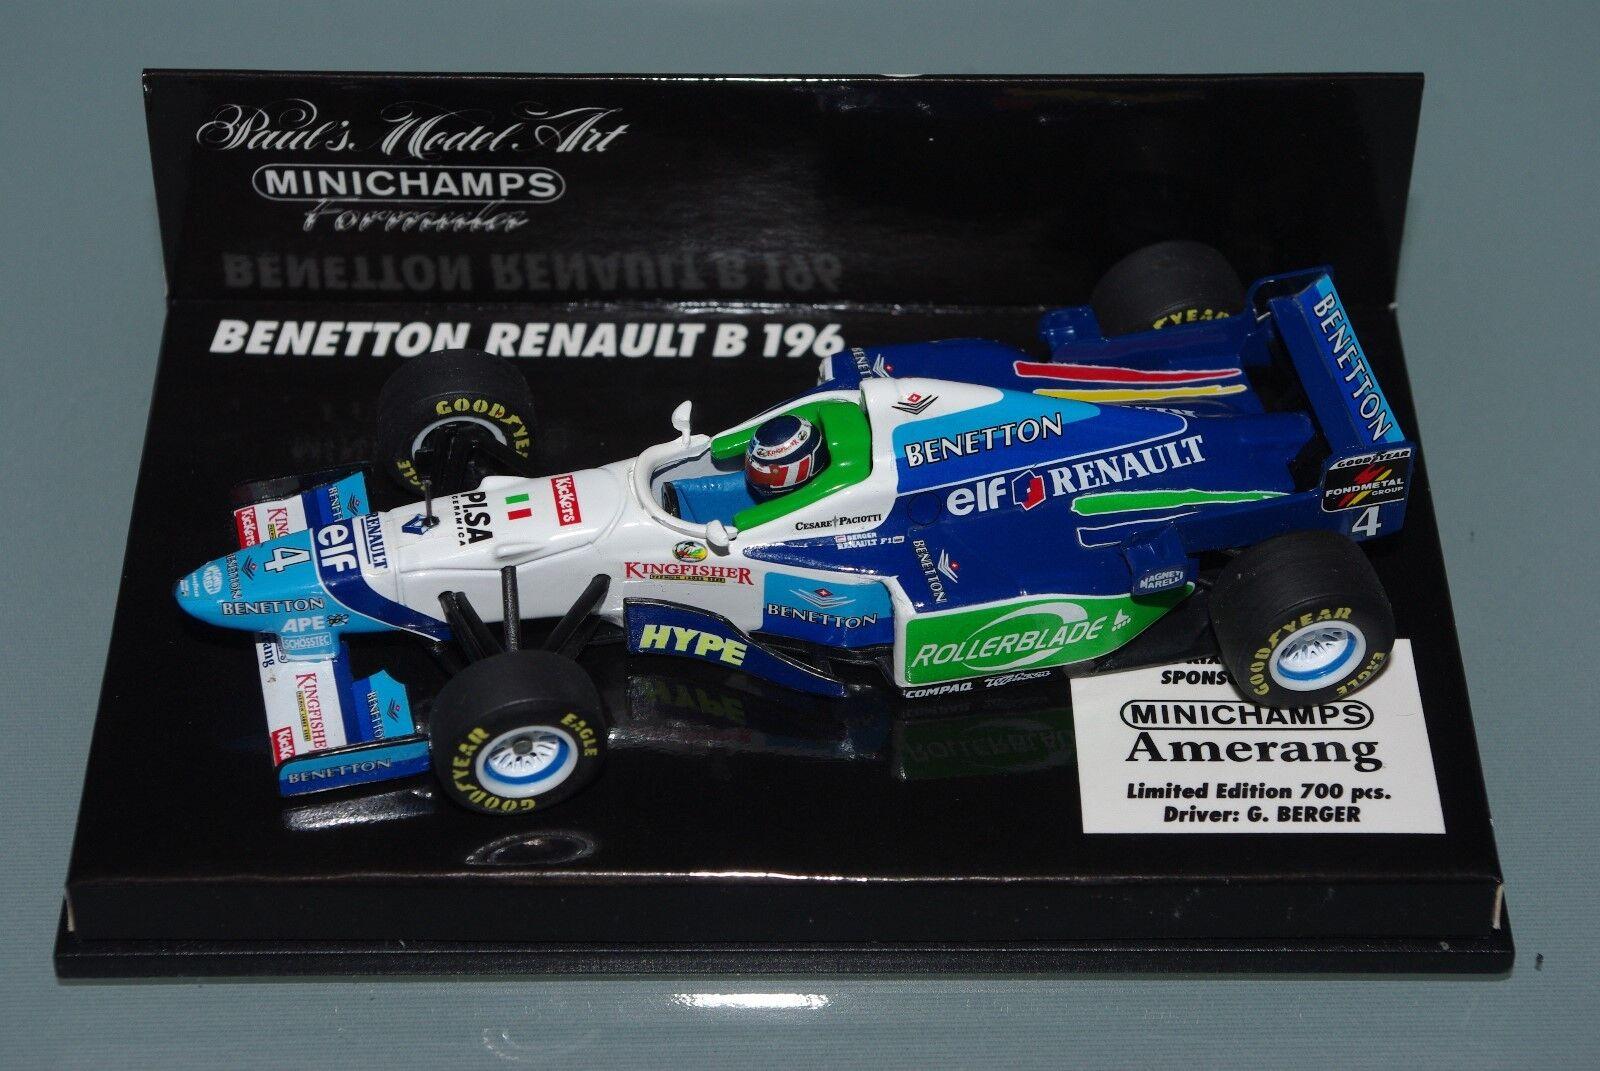 Minichamps F1 1 43 Benetton Renault B196 Rollerblade-BERGER-von 700 pcs